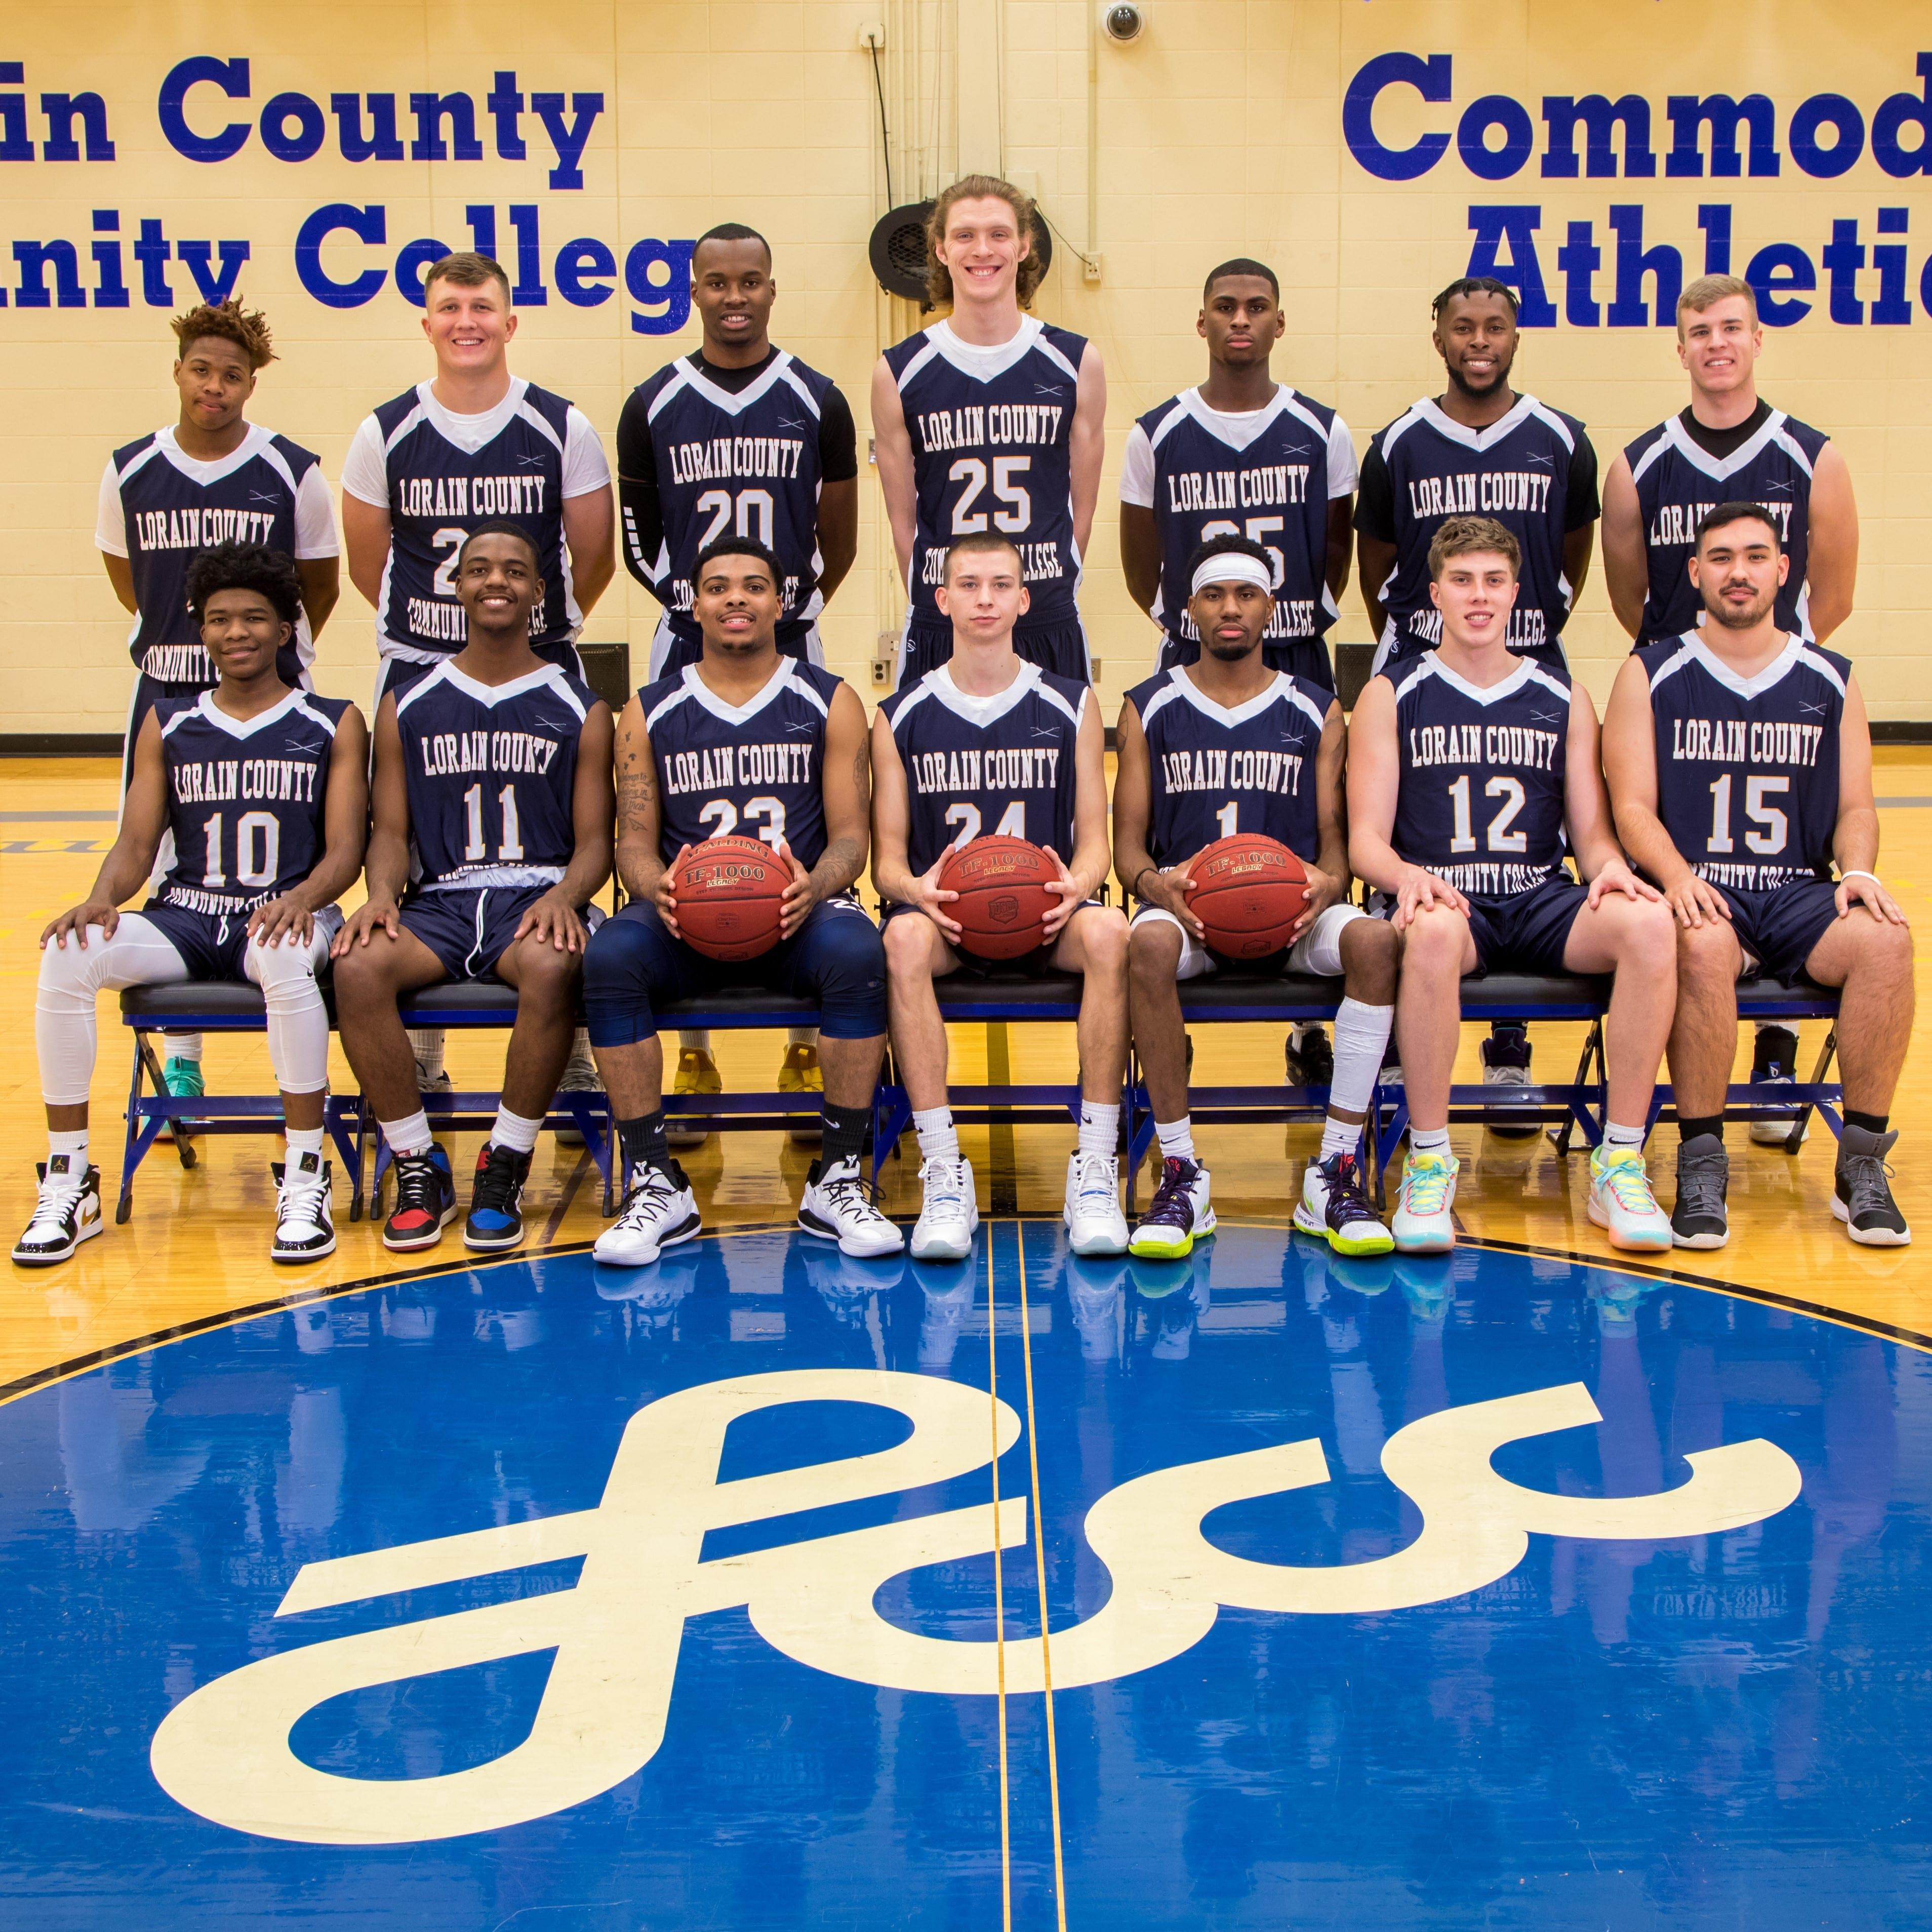 2019-20 Men's Basketball Team